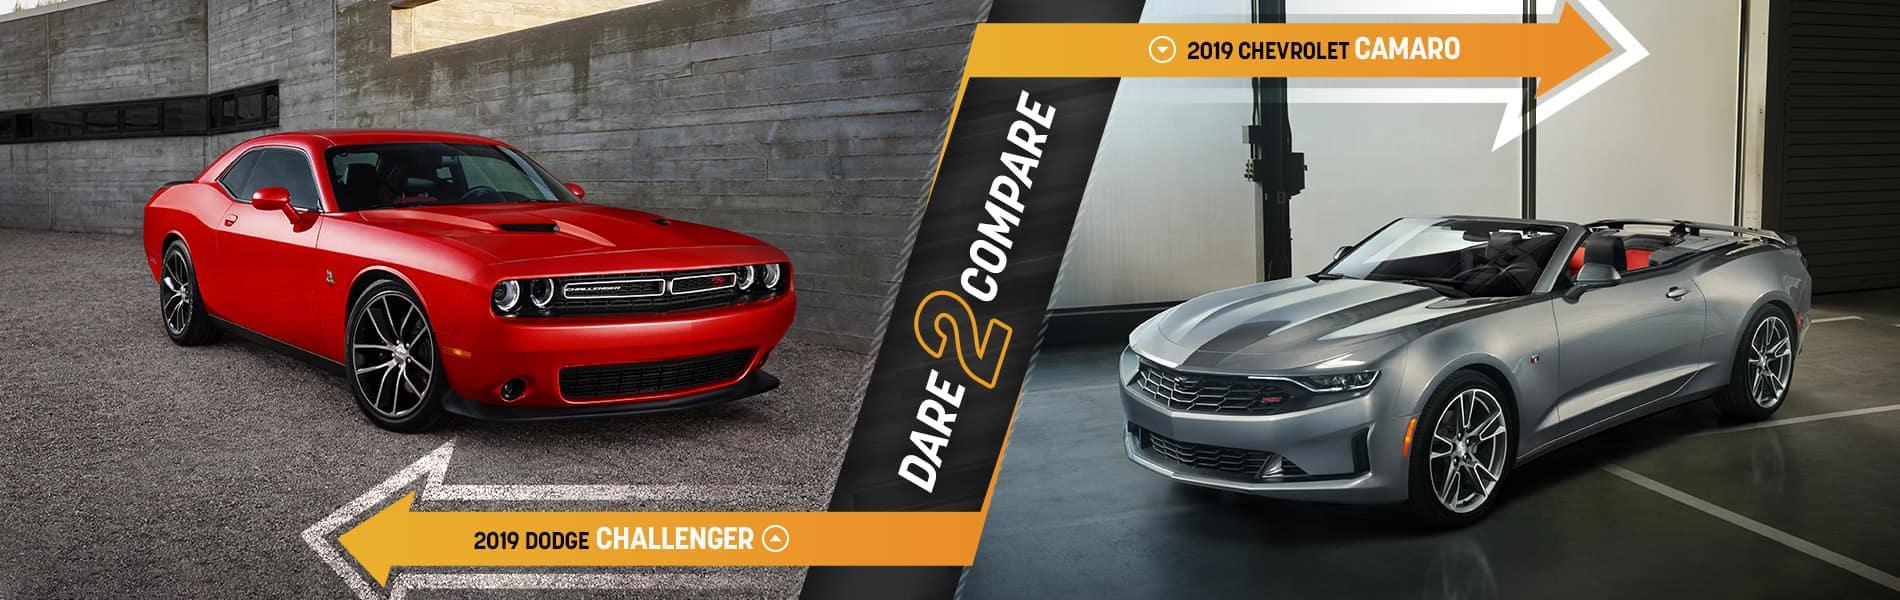 2019 Dodge Challenger vs. 2019 Chevrolet Camaro | Decatur, IN